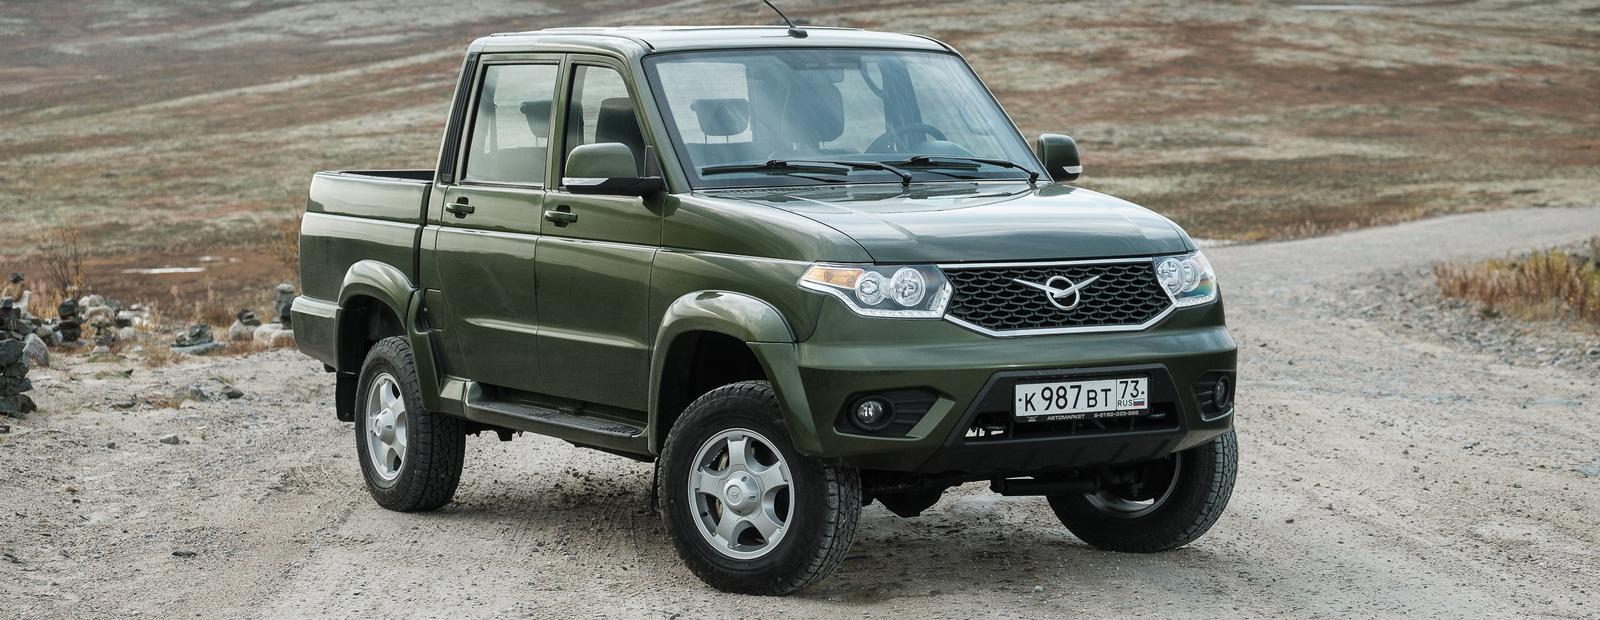 Объявлены цены и старт продаж обновленного УАЗ Пикап